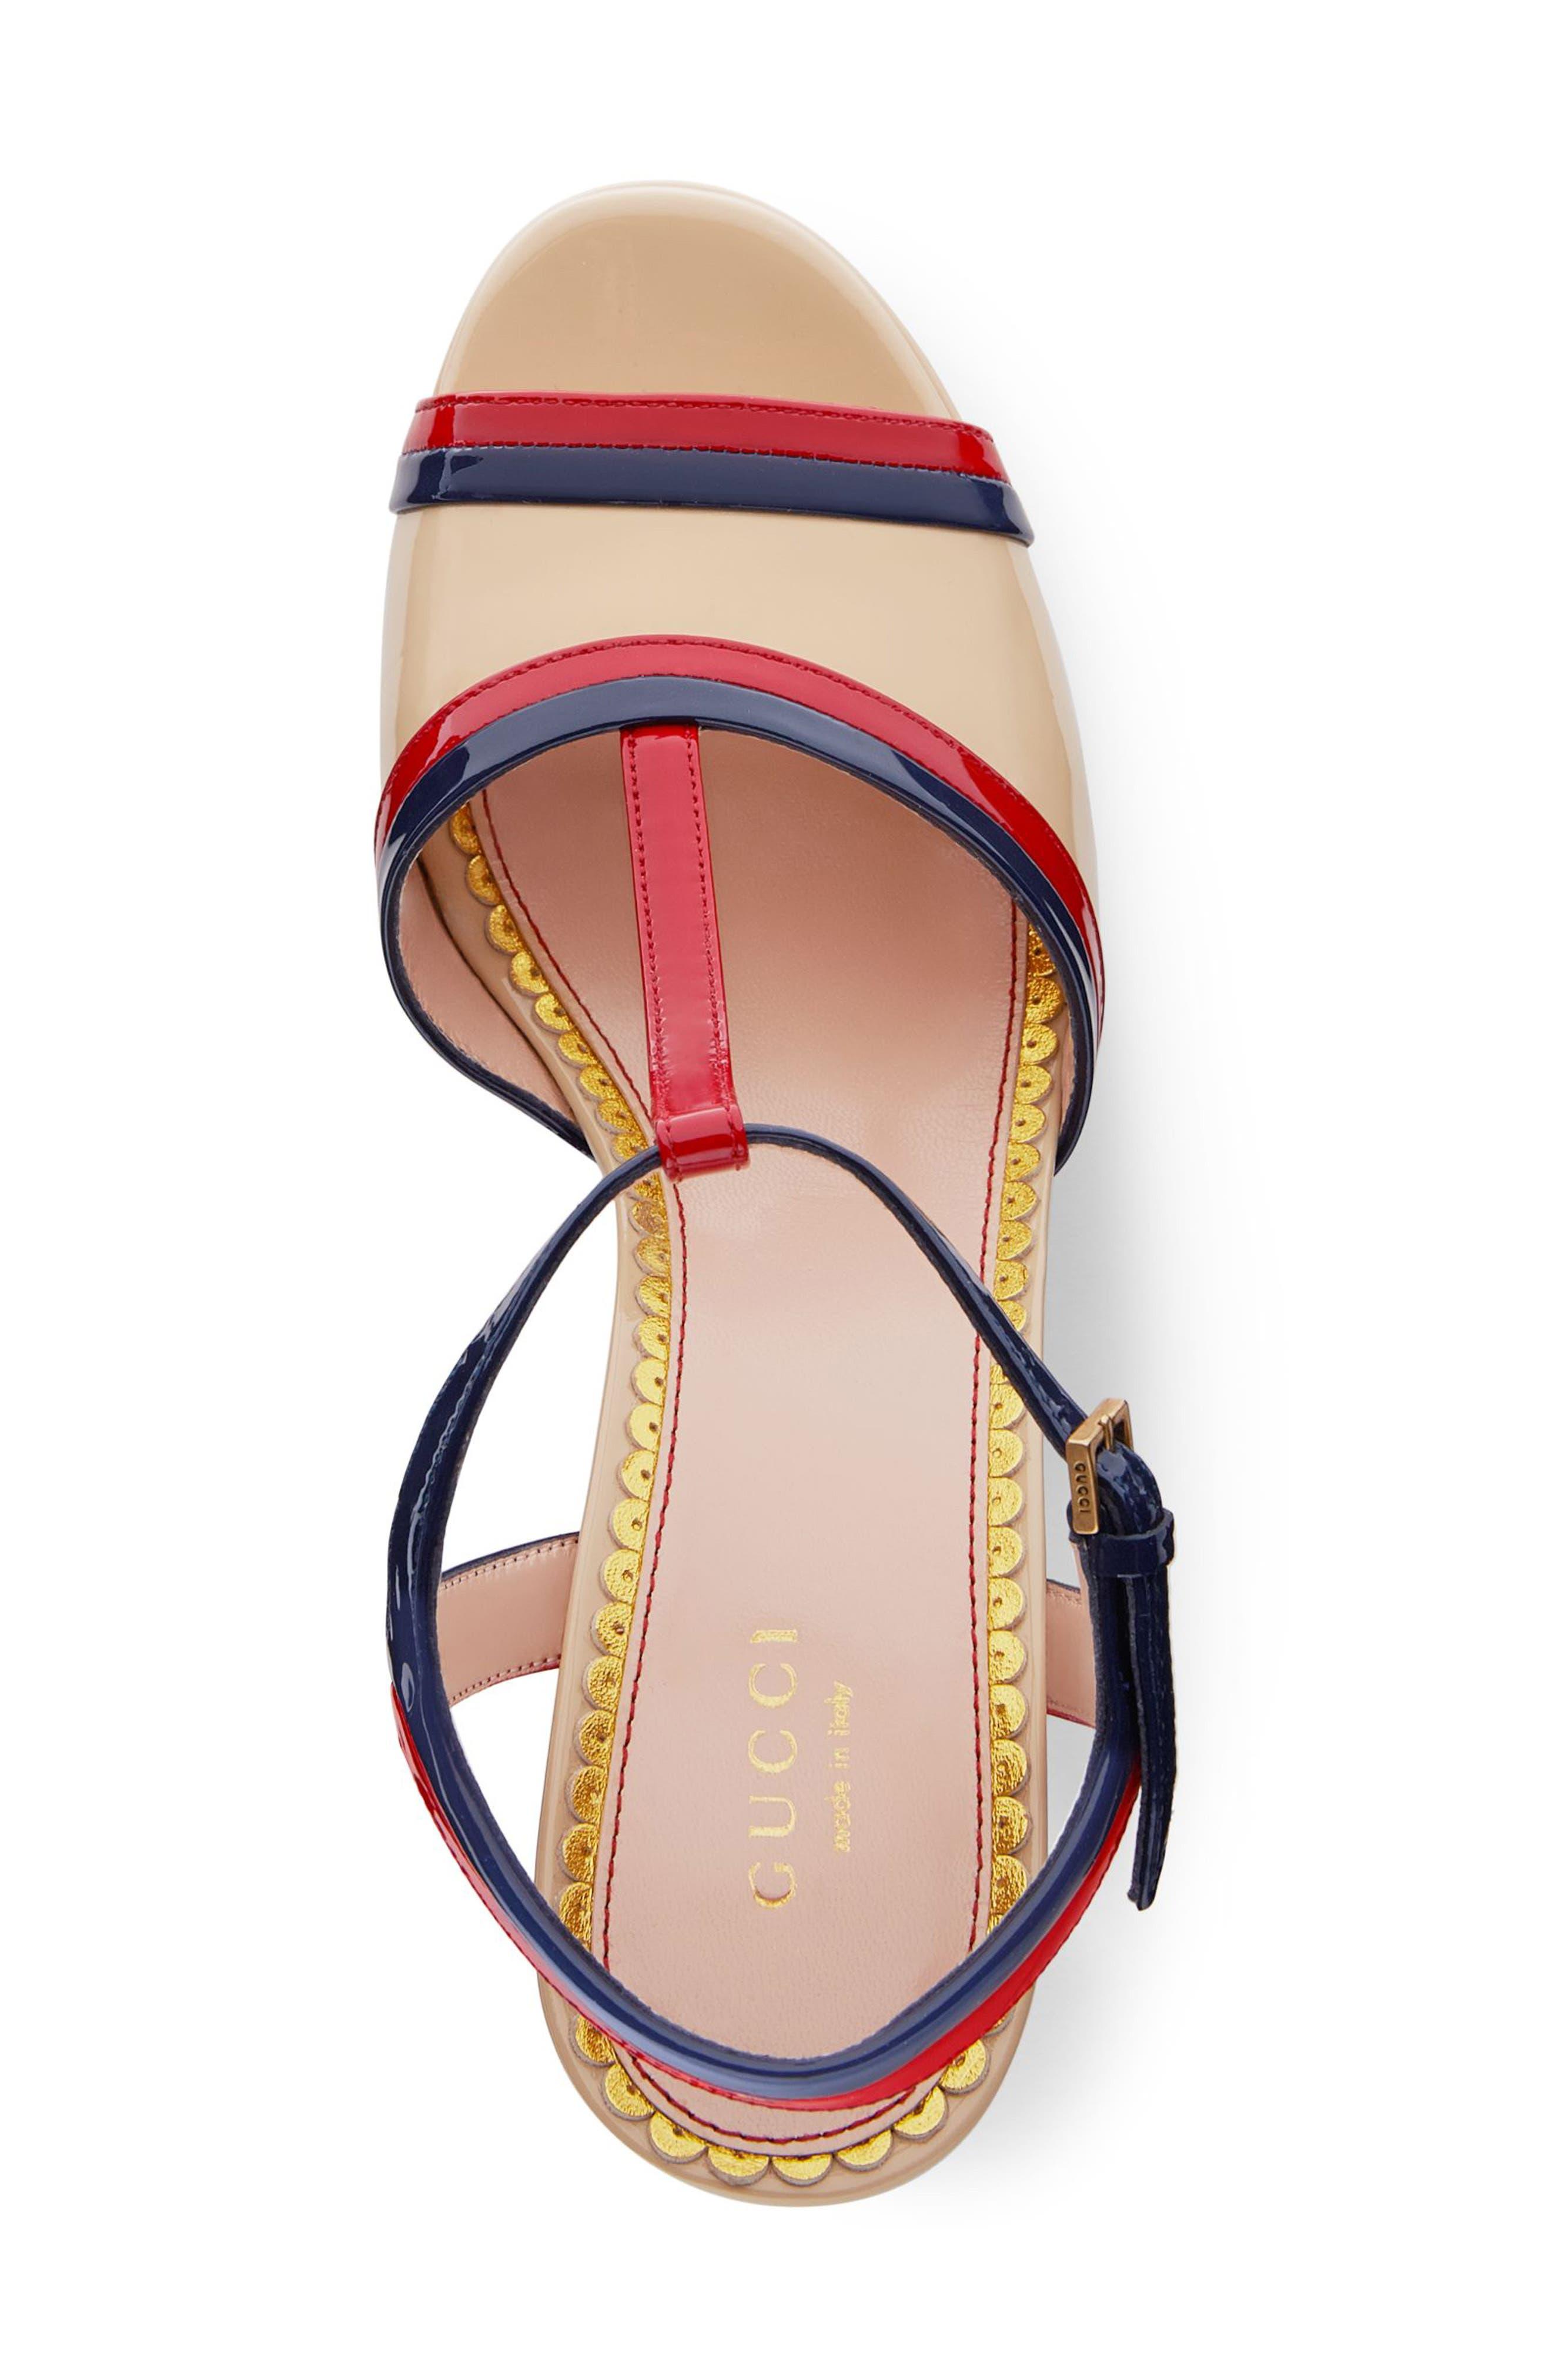 Millie T-Strap Platform Sandal,                             Alternate thumbnail 4, color,                             BEIGE/ RED/ BLUE